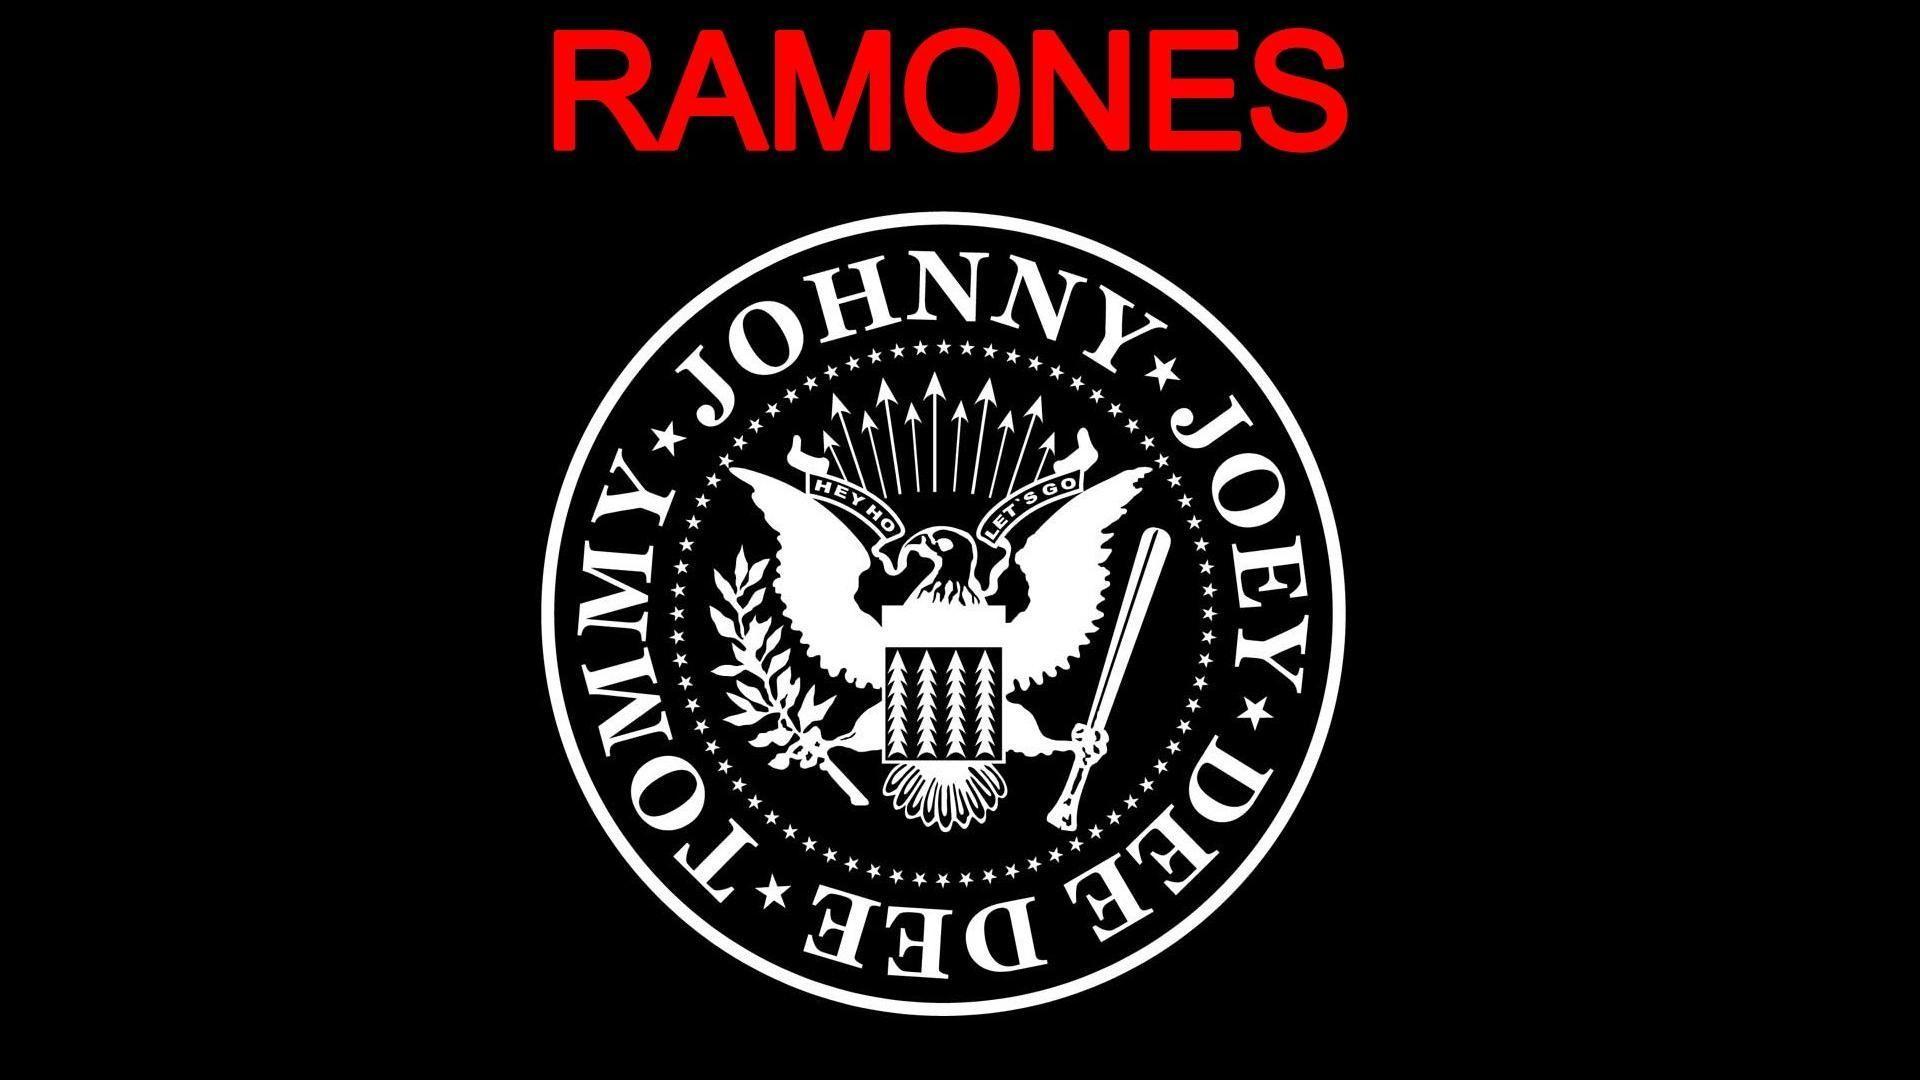 Ramones Logo Wallpapers - Wallpaper Cave